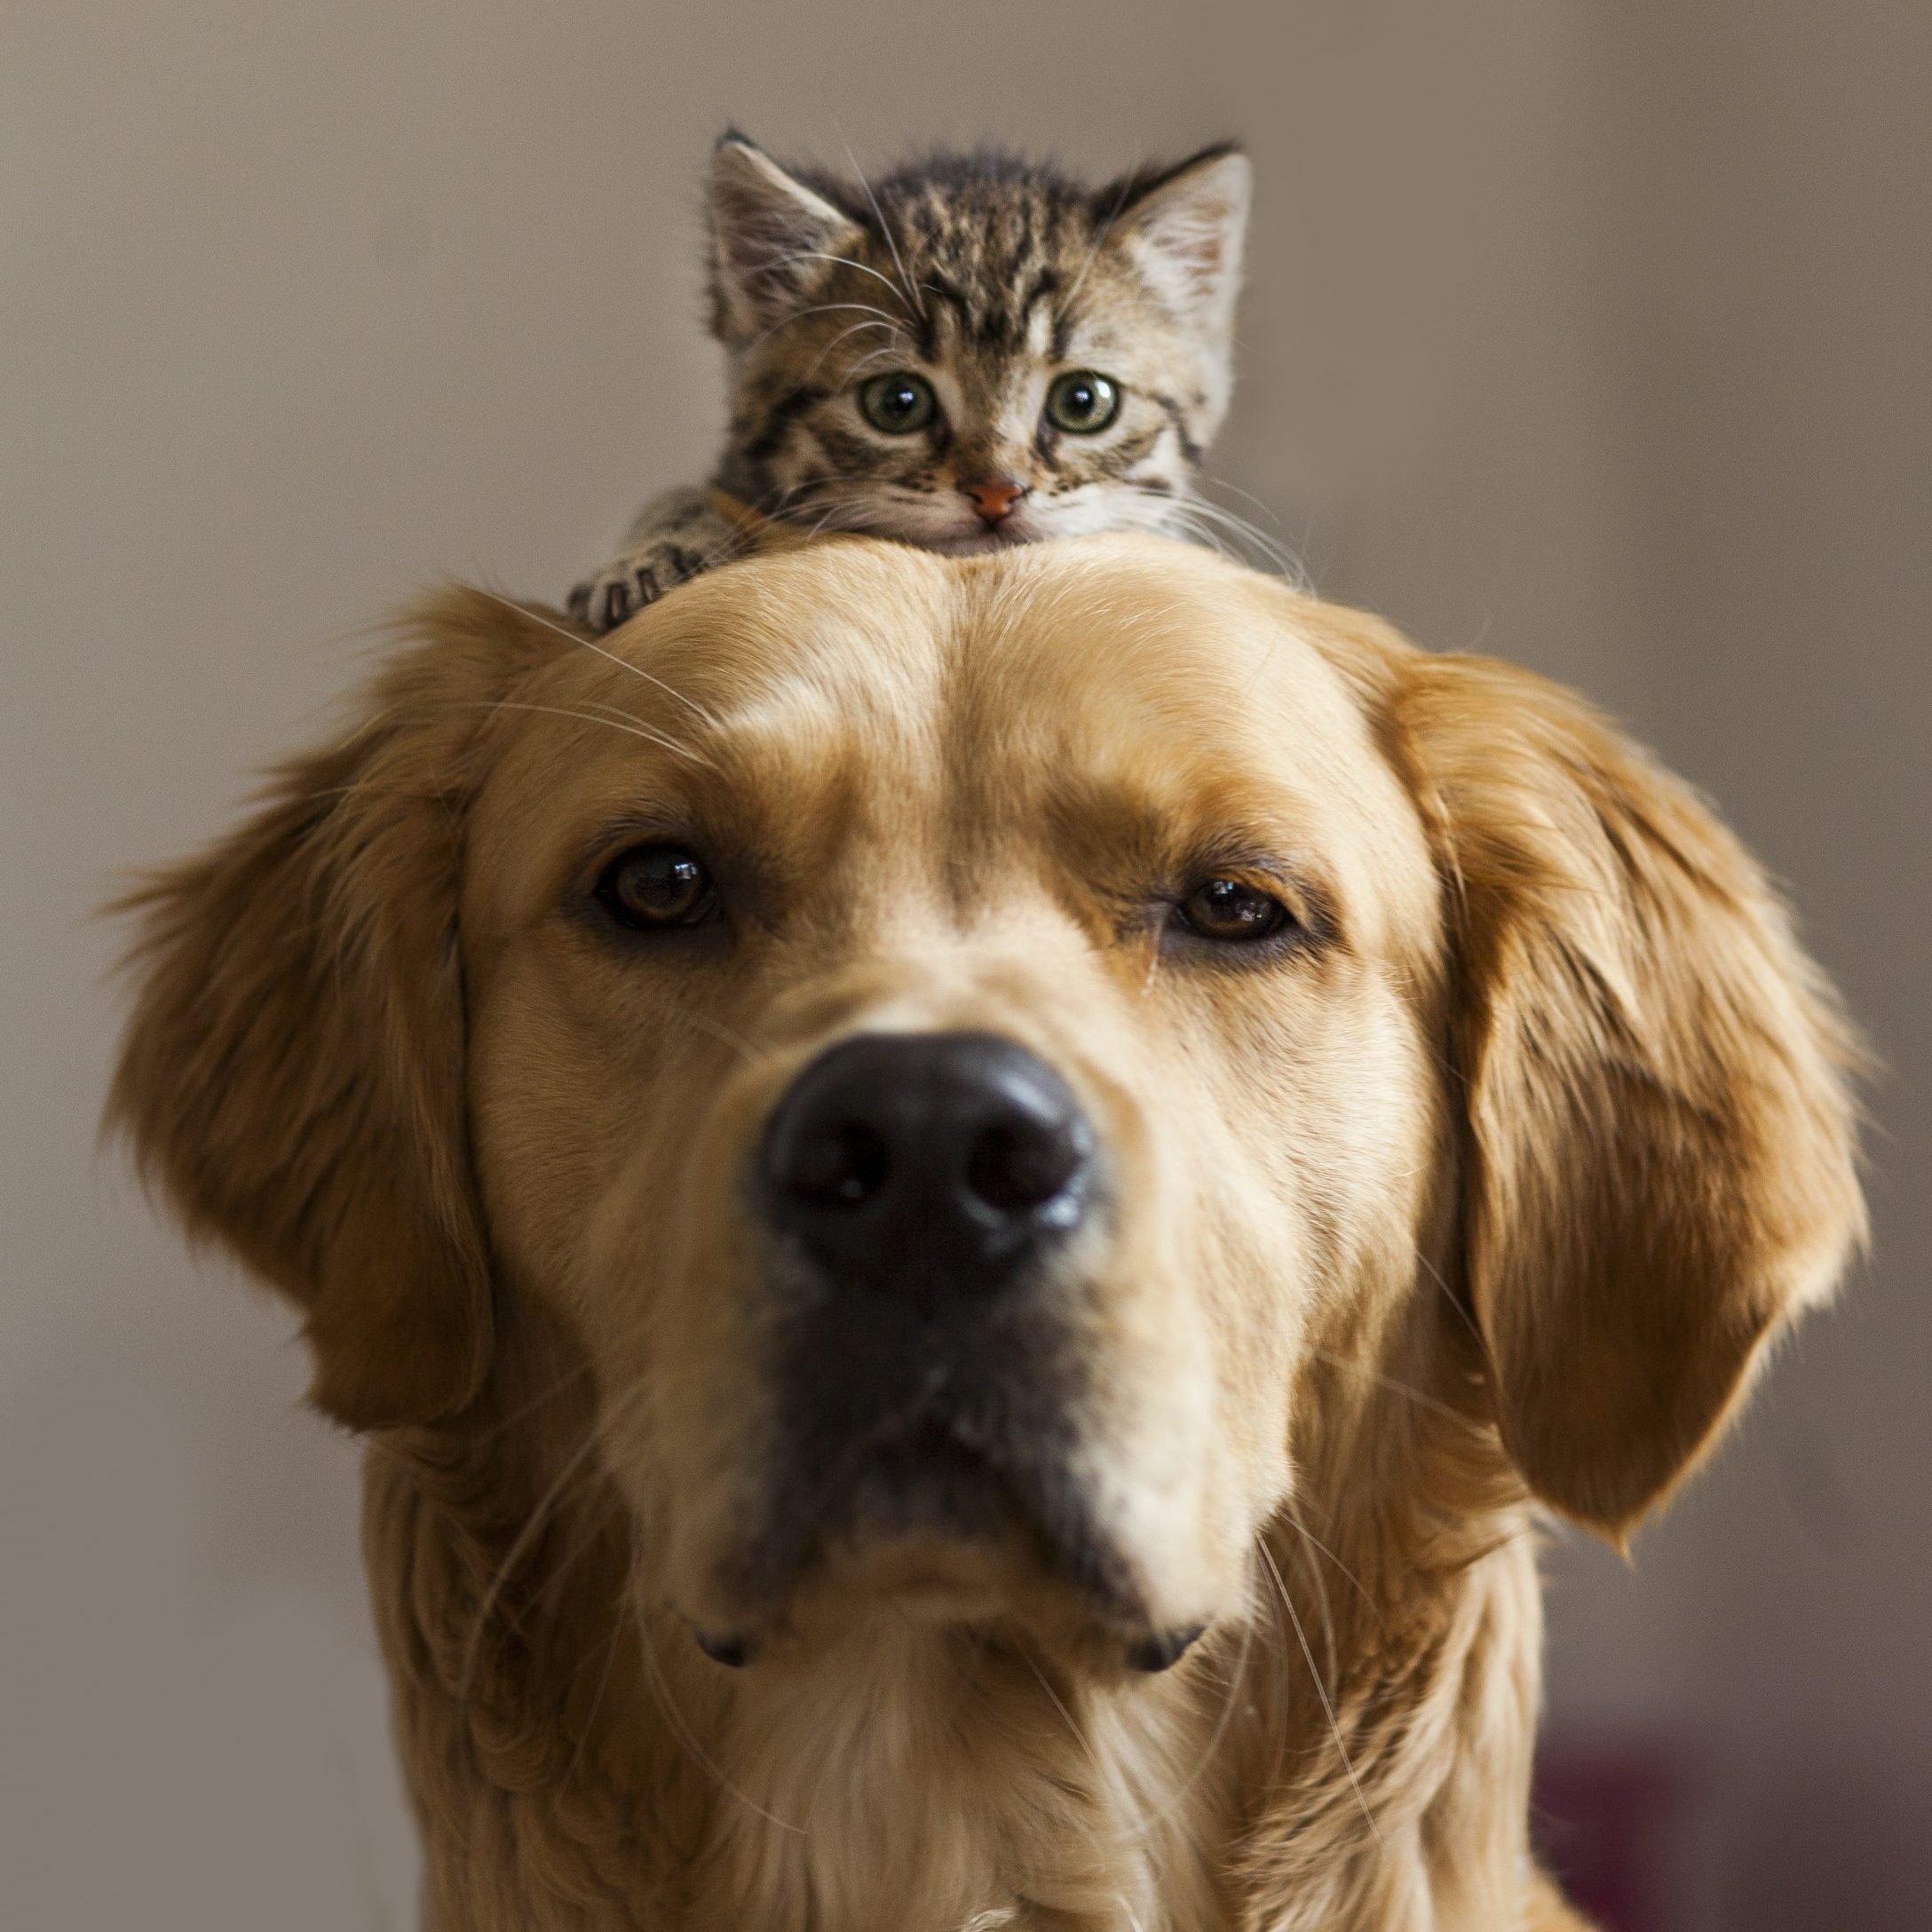 Kitten sitting on dog